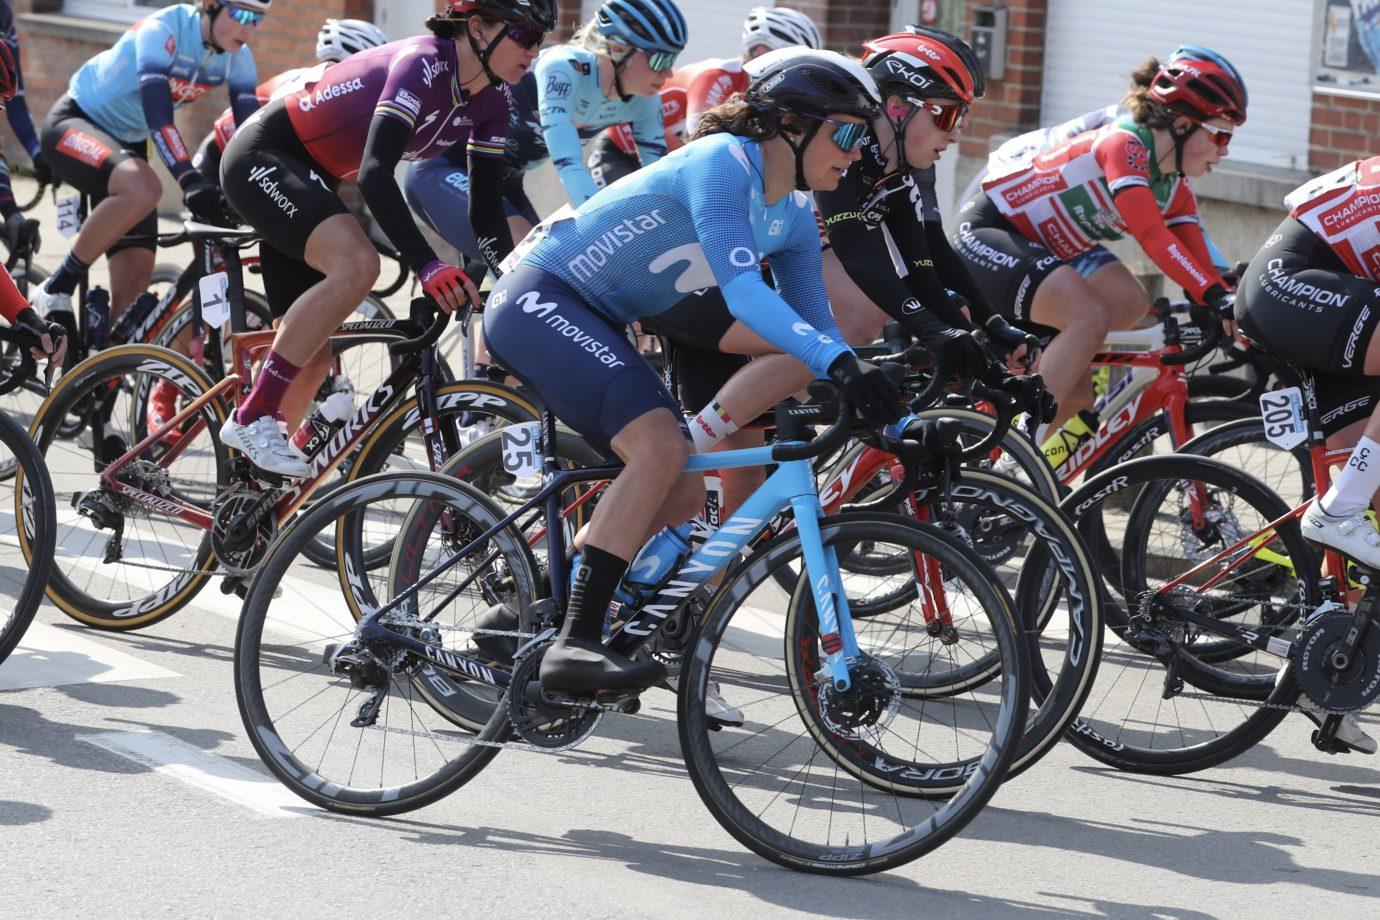 Imagen de la noticia 'Leah Thomas (4th) seeks for her chances at Brabantse Pijl'